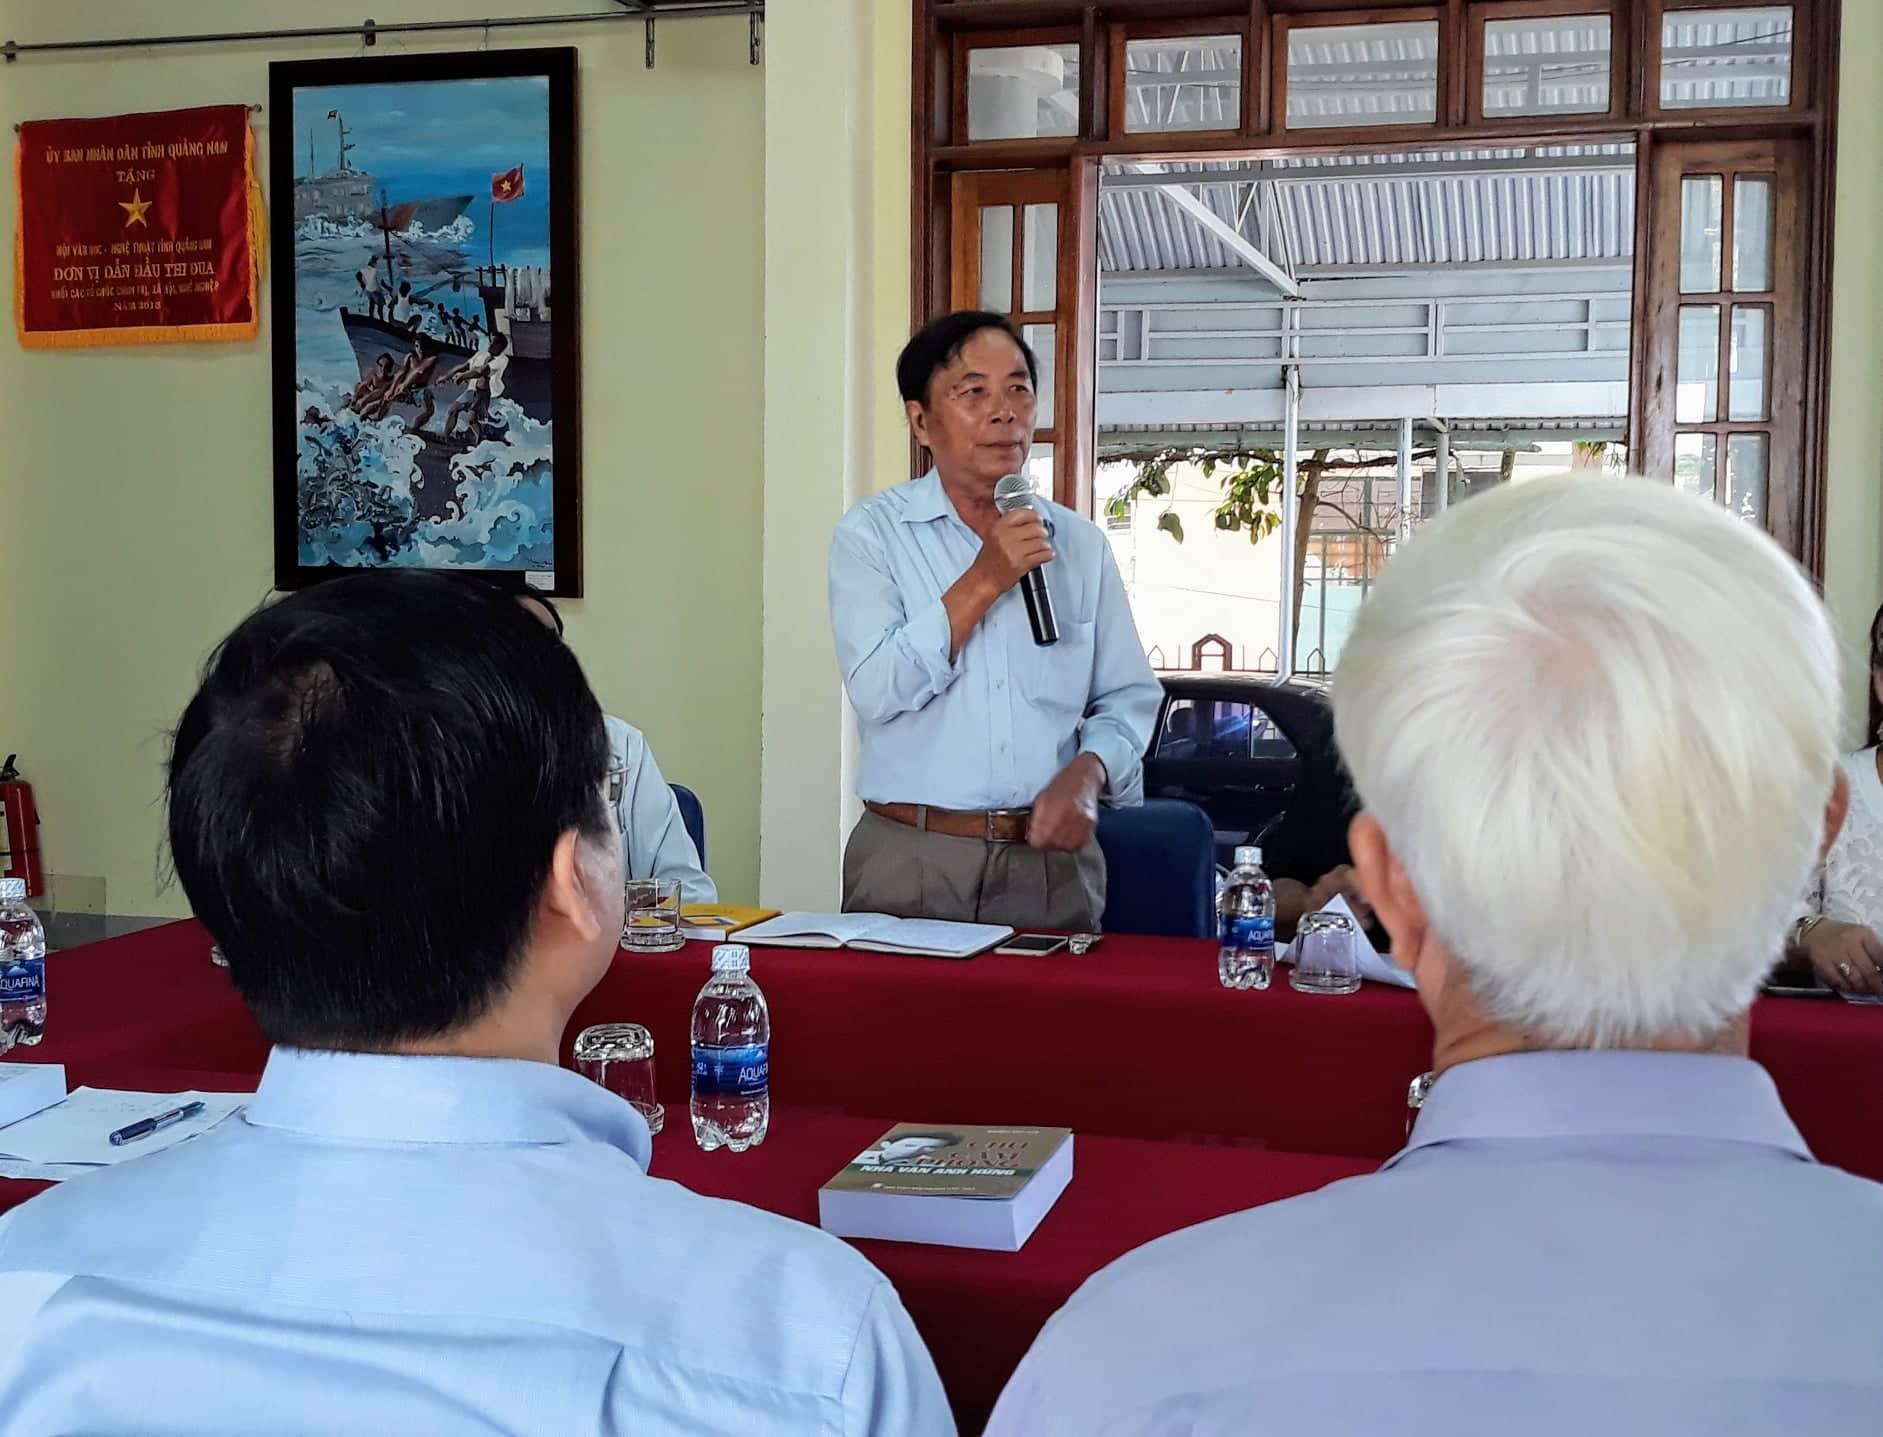 Nhà văn Nguyễn Bá Thâm giới thiệu sơ lược về nội dung và quá trình thực hiện tập sách.